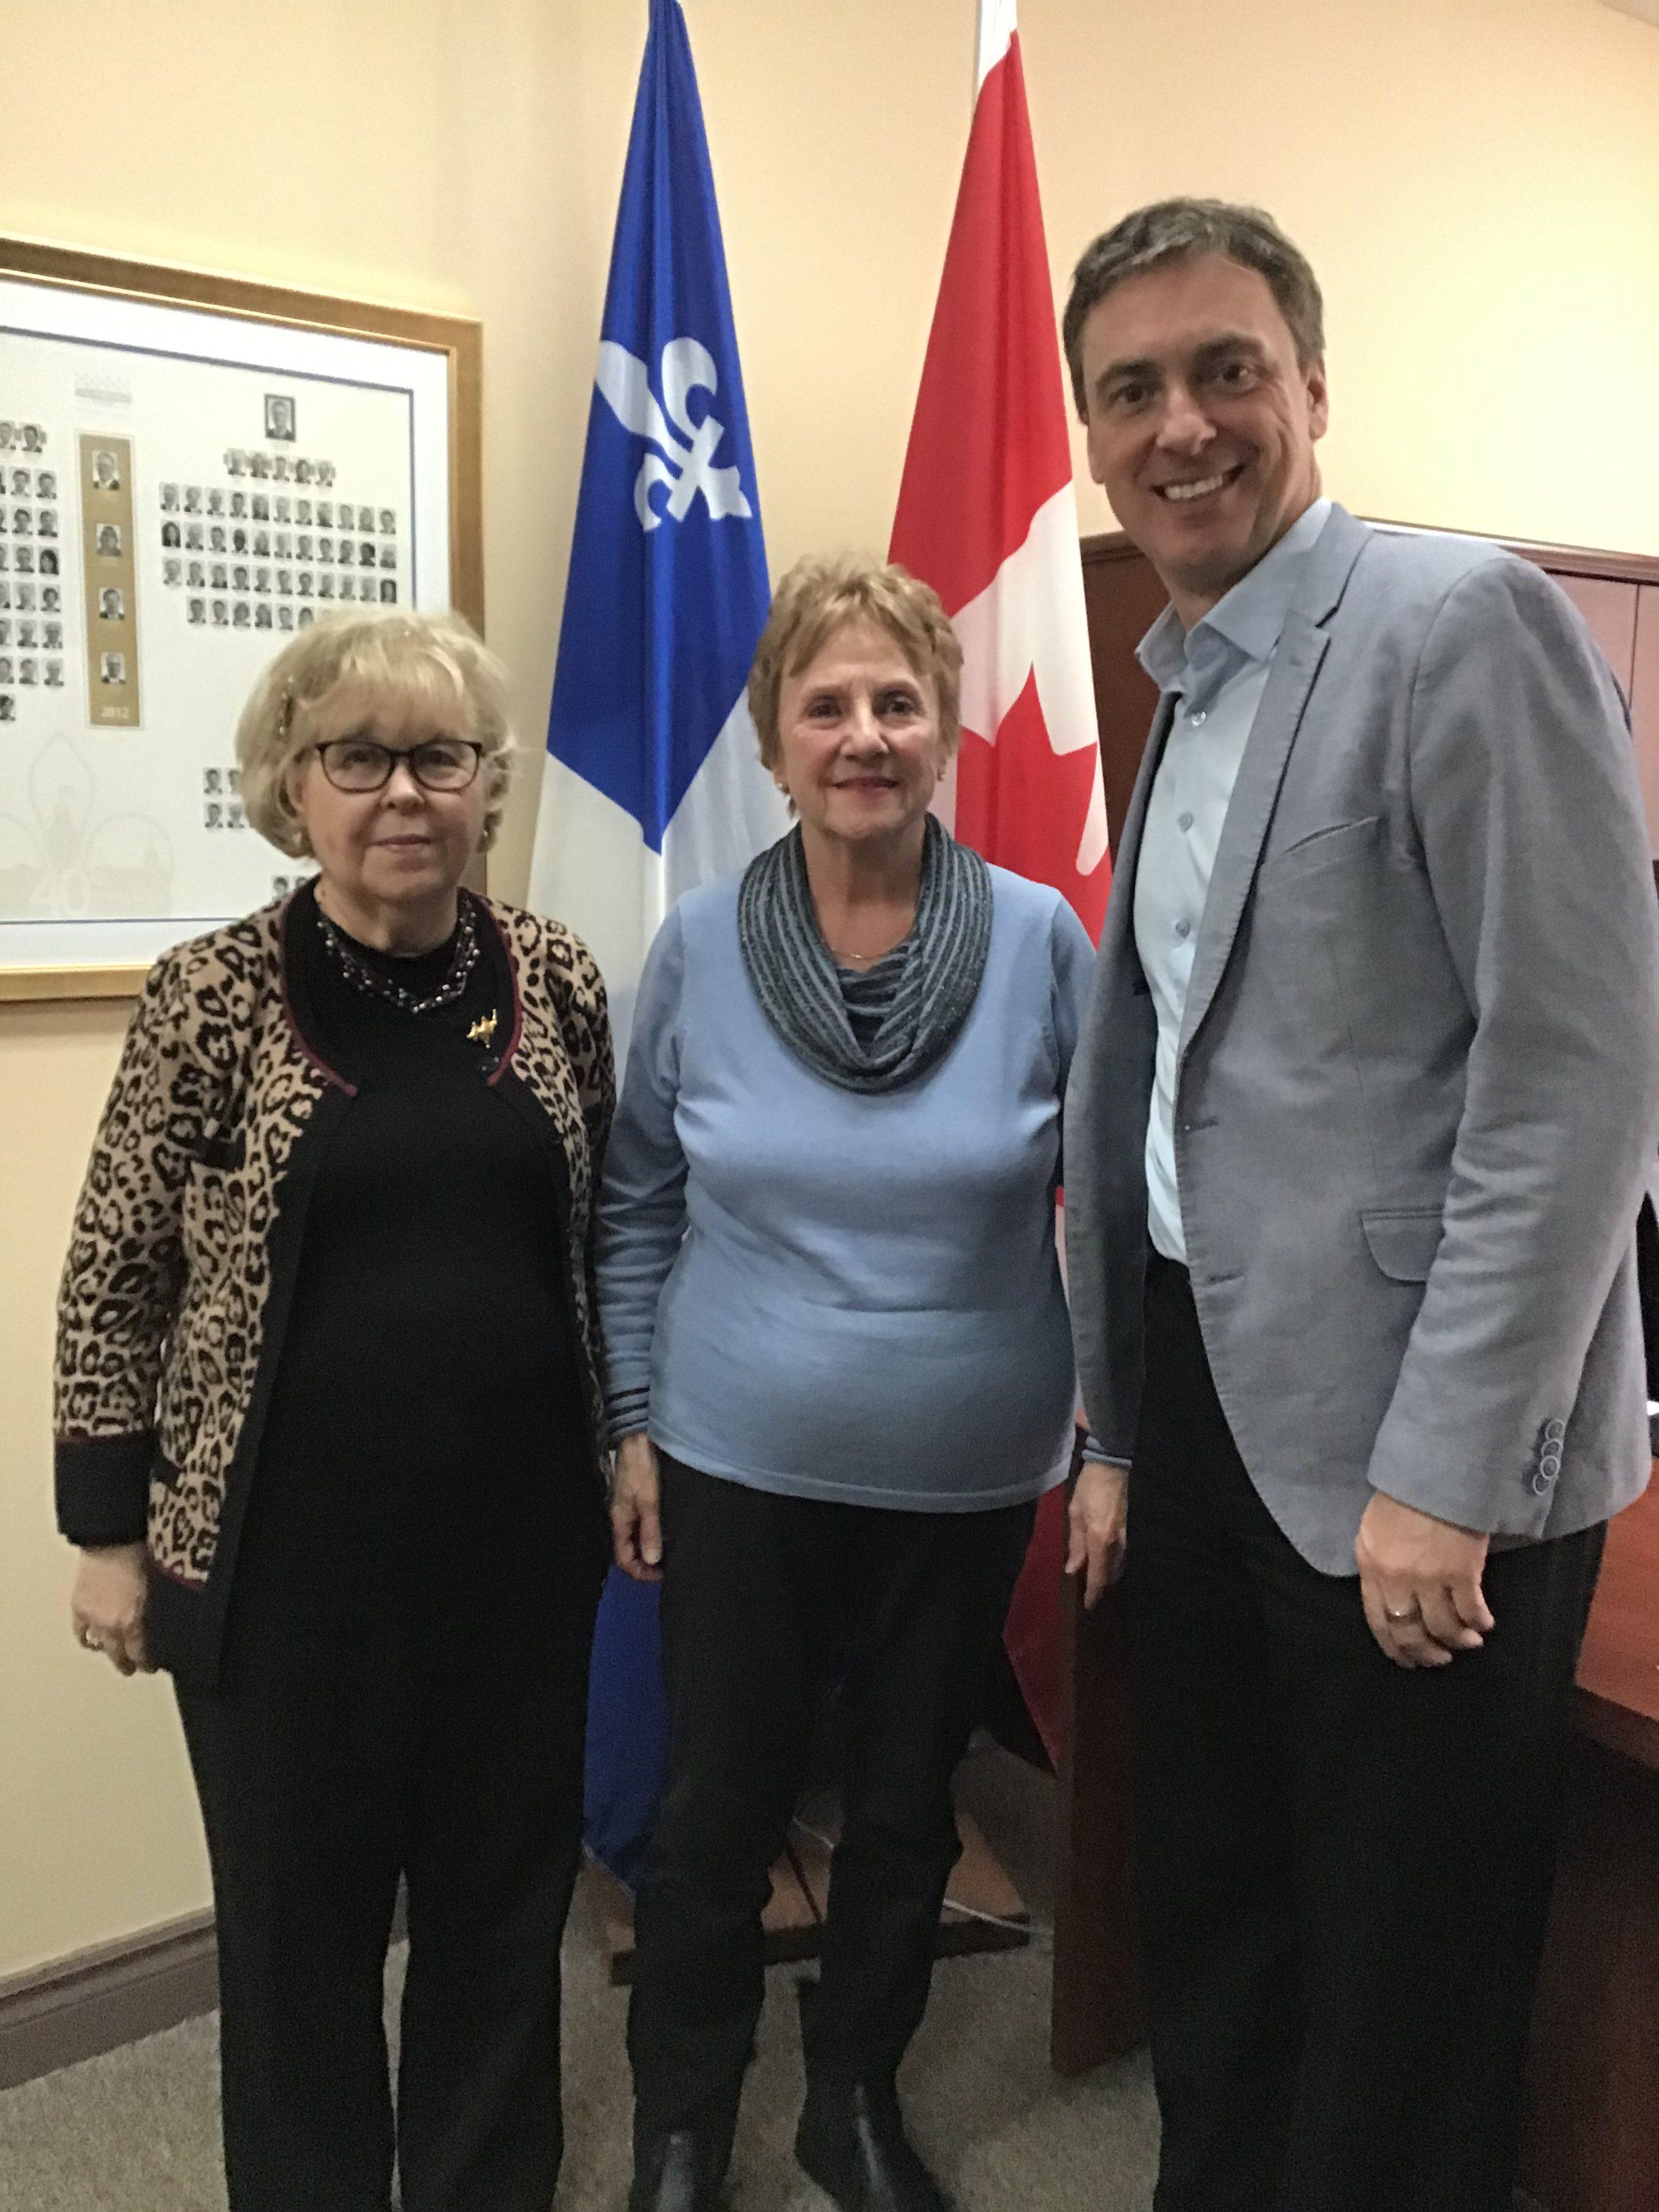 Le secteur Montréal-Nord à la rencontre du député Marc Tanguay dans le cadre de l'opération « Maintenant », l'indexation!